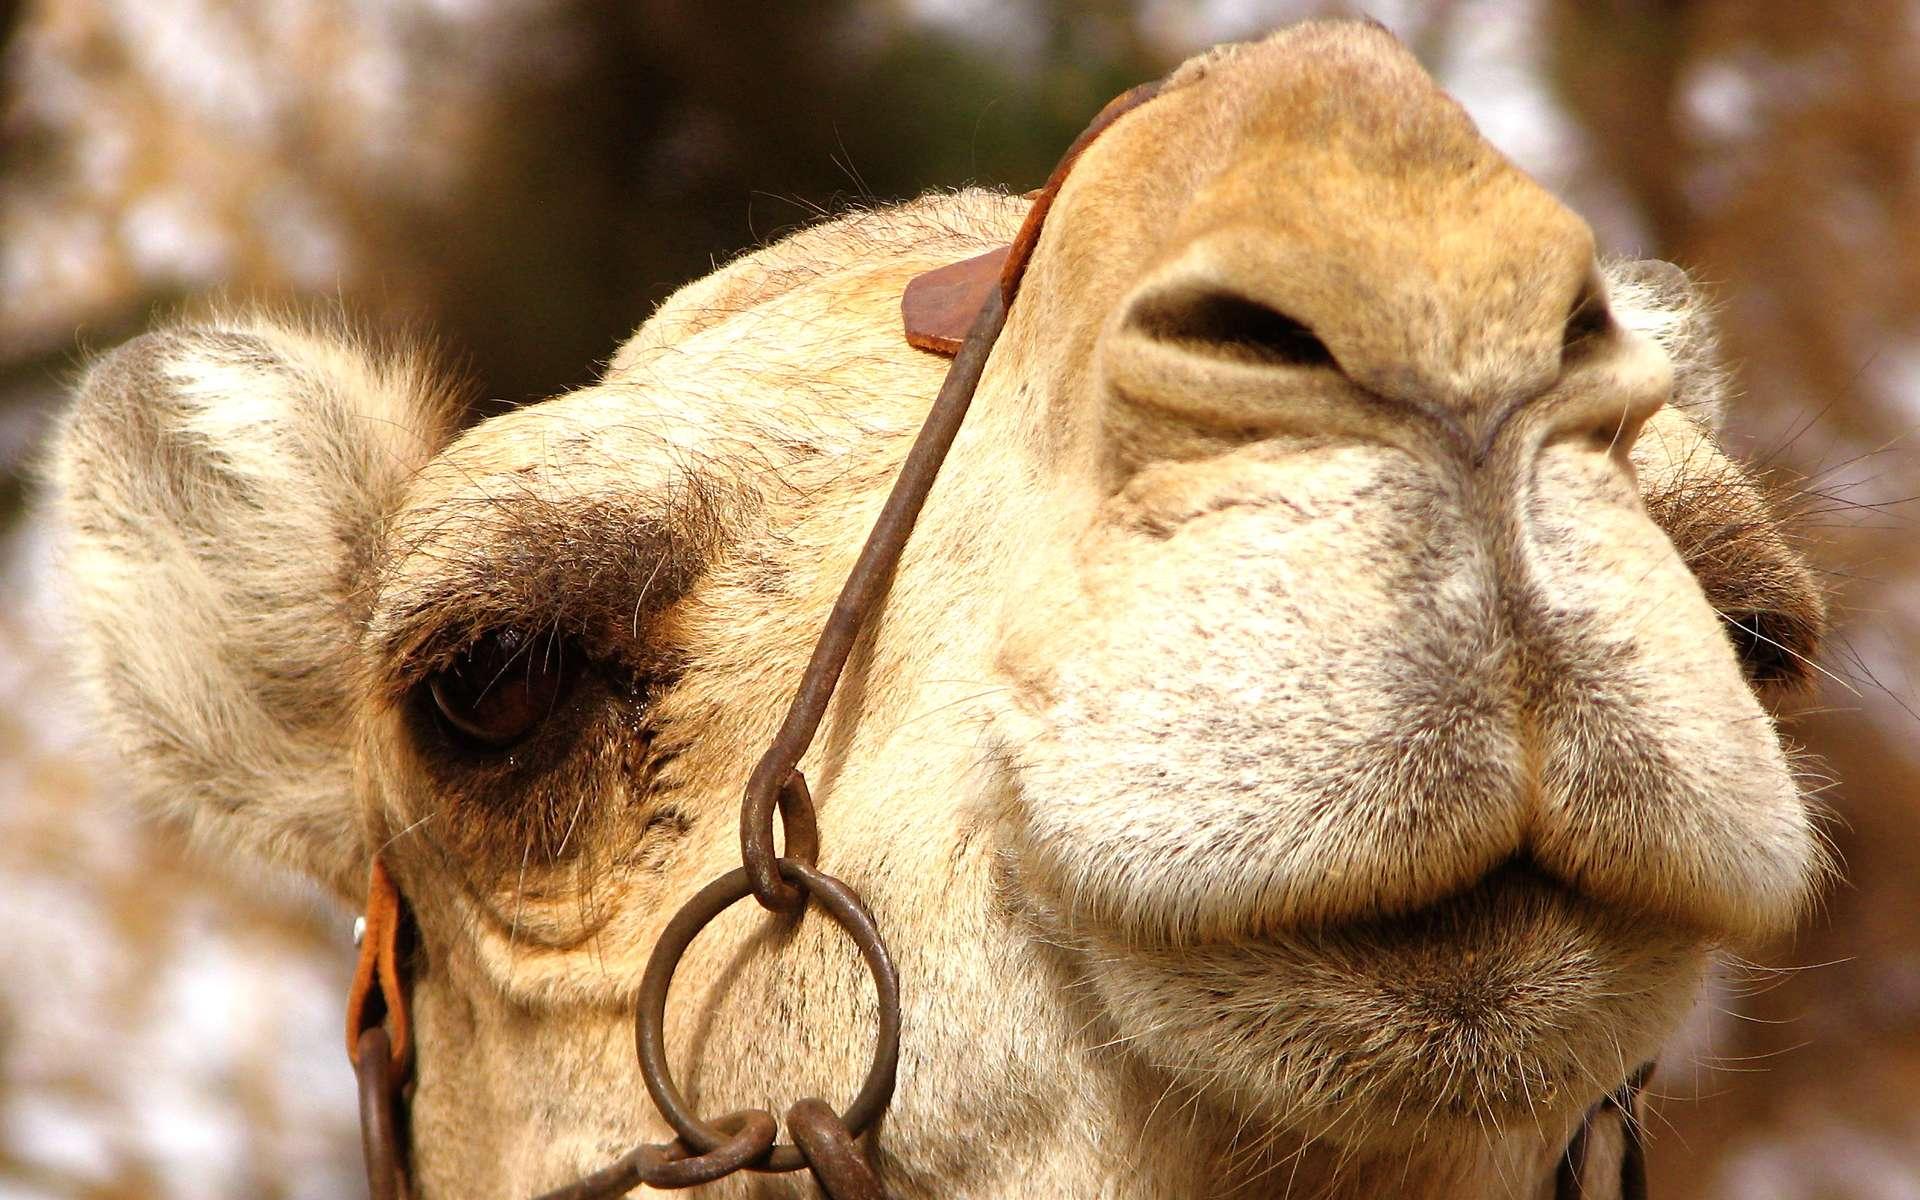 Une nouvelle maladie à prion touche les chameau en Afrique du nord. © Jennifer D, Filckr, licence CC